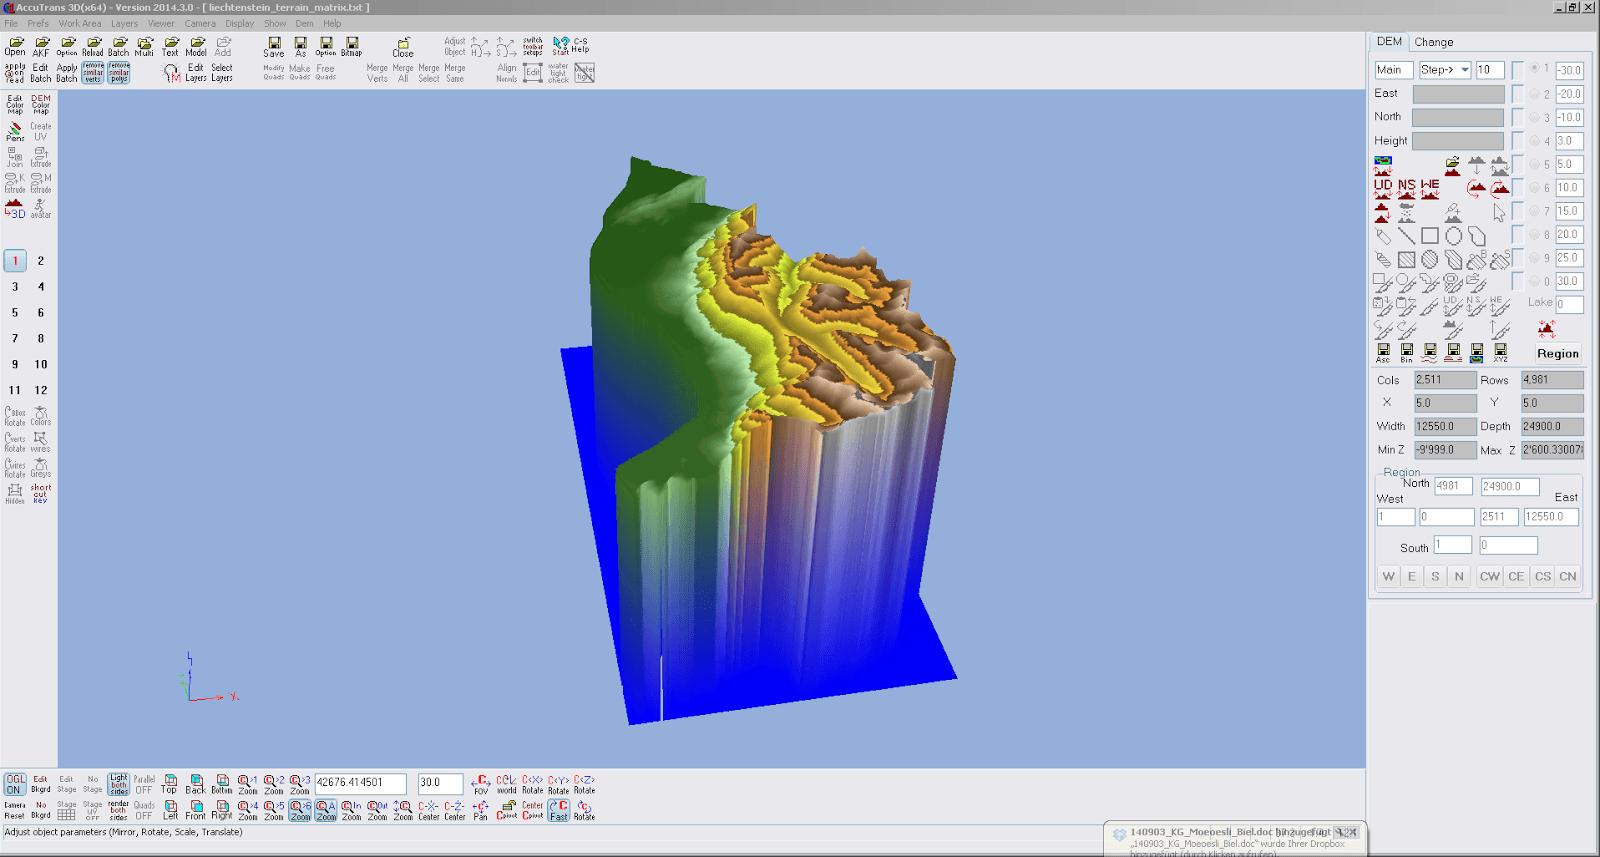 Screenshot der via ASCII File to DEM importierten Höhendaten von Liechtenstein aus AccuTrans 3D